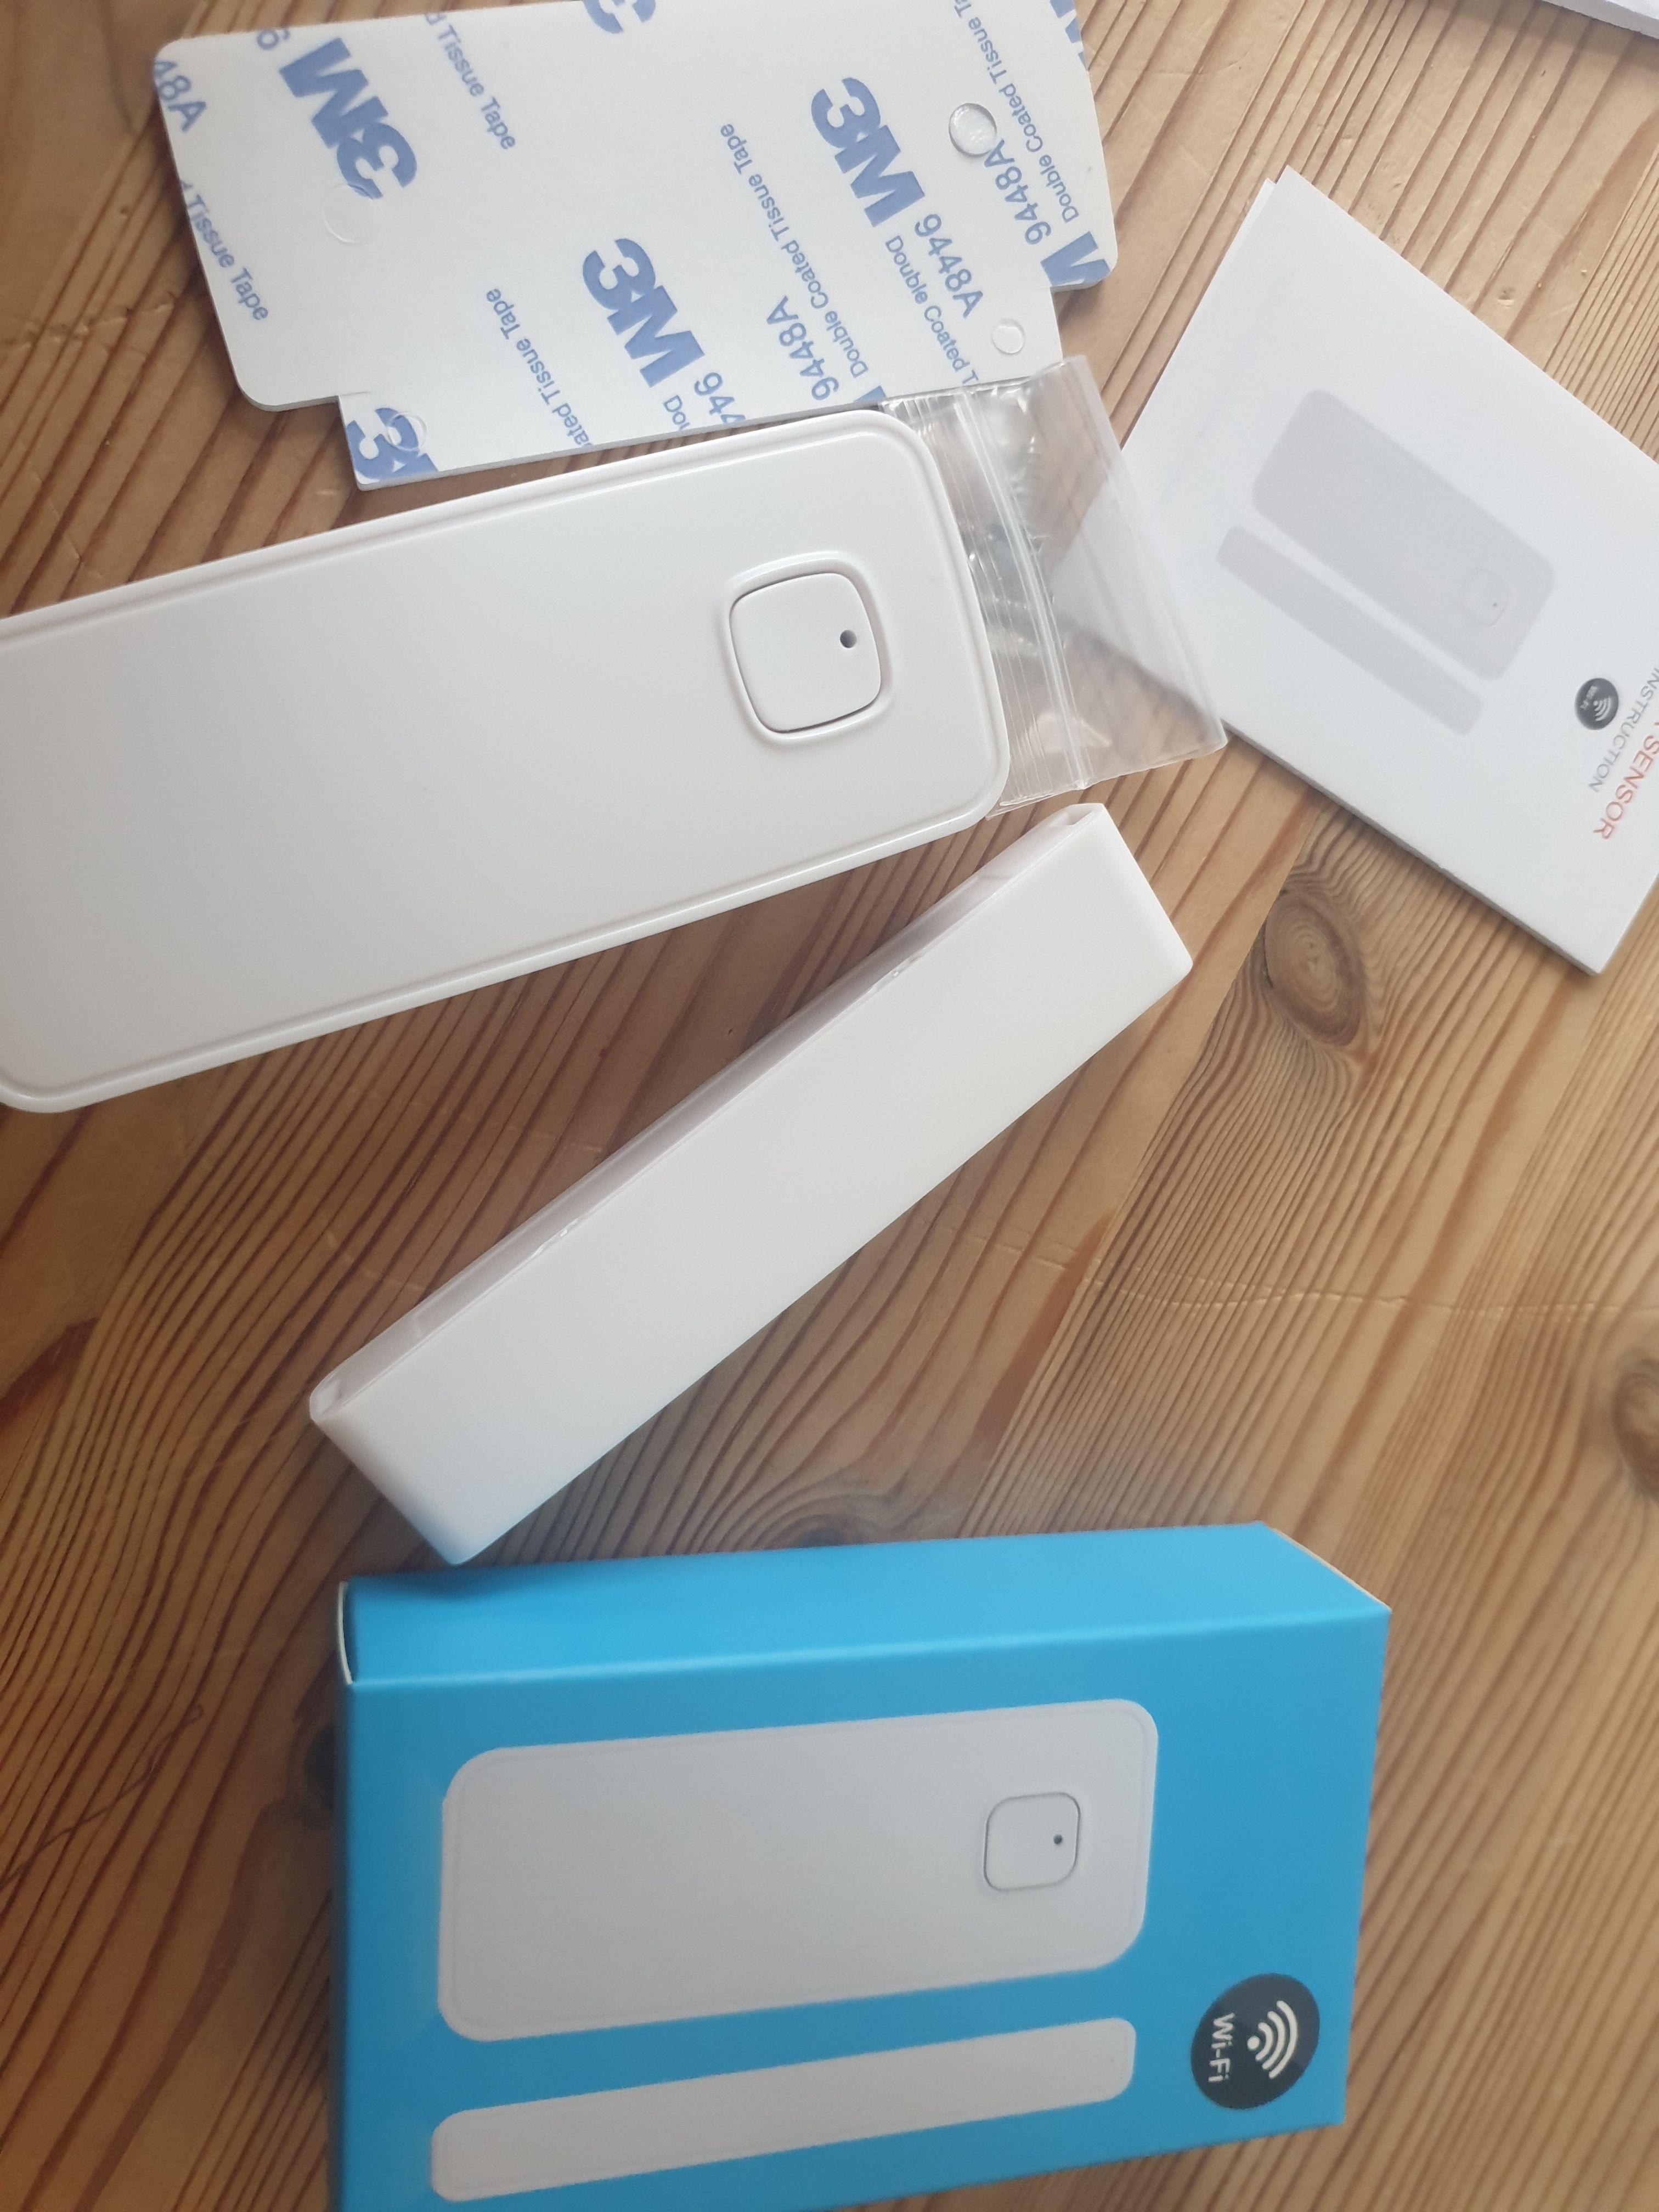 Produkttest Problemlose Installation Review Von Test Smarthome Kuche Haushalt Amazon Echo Klebestreifen Kinderleicht